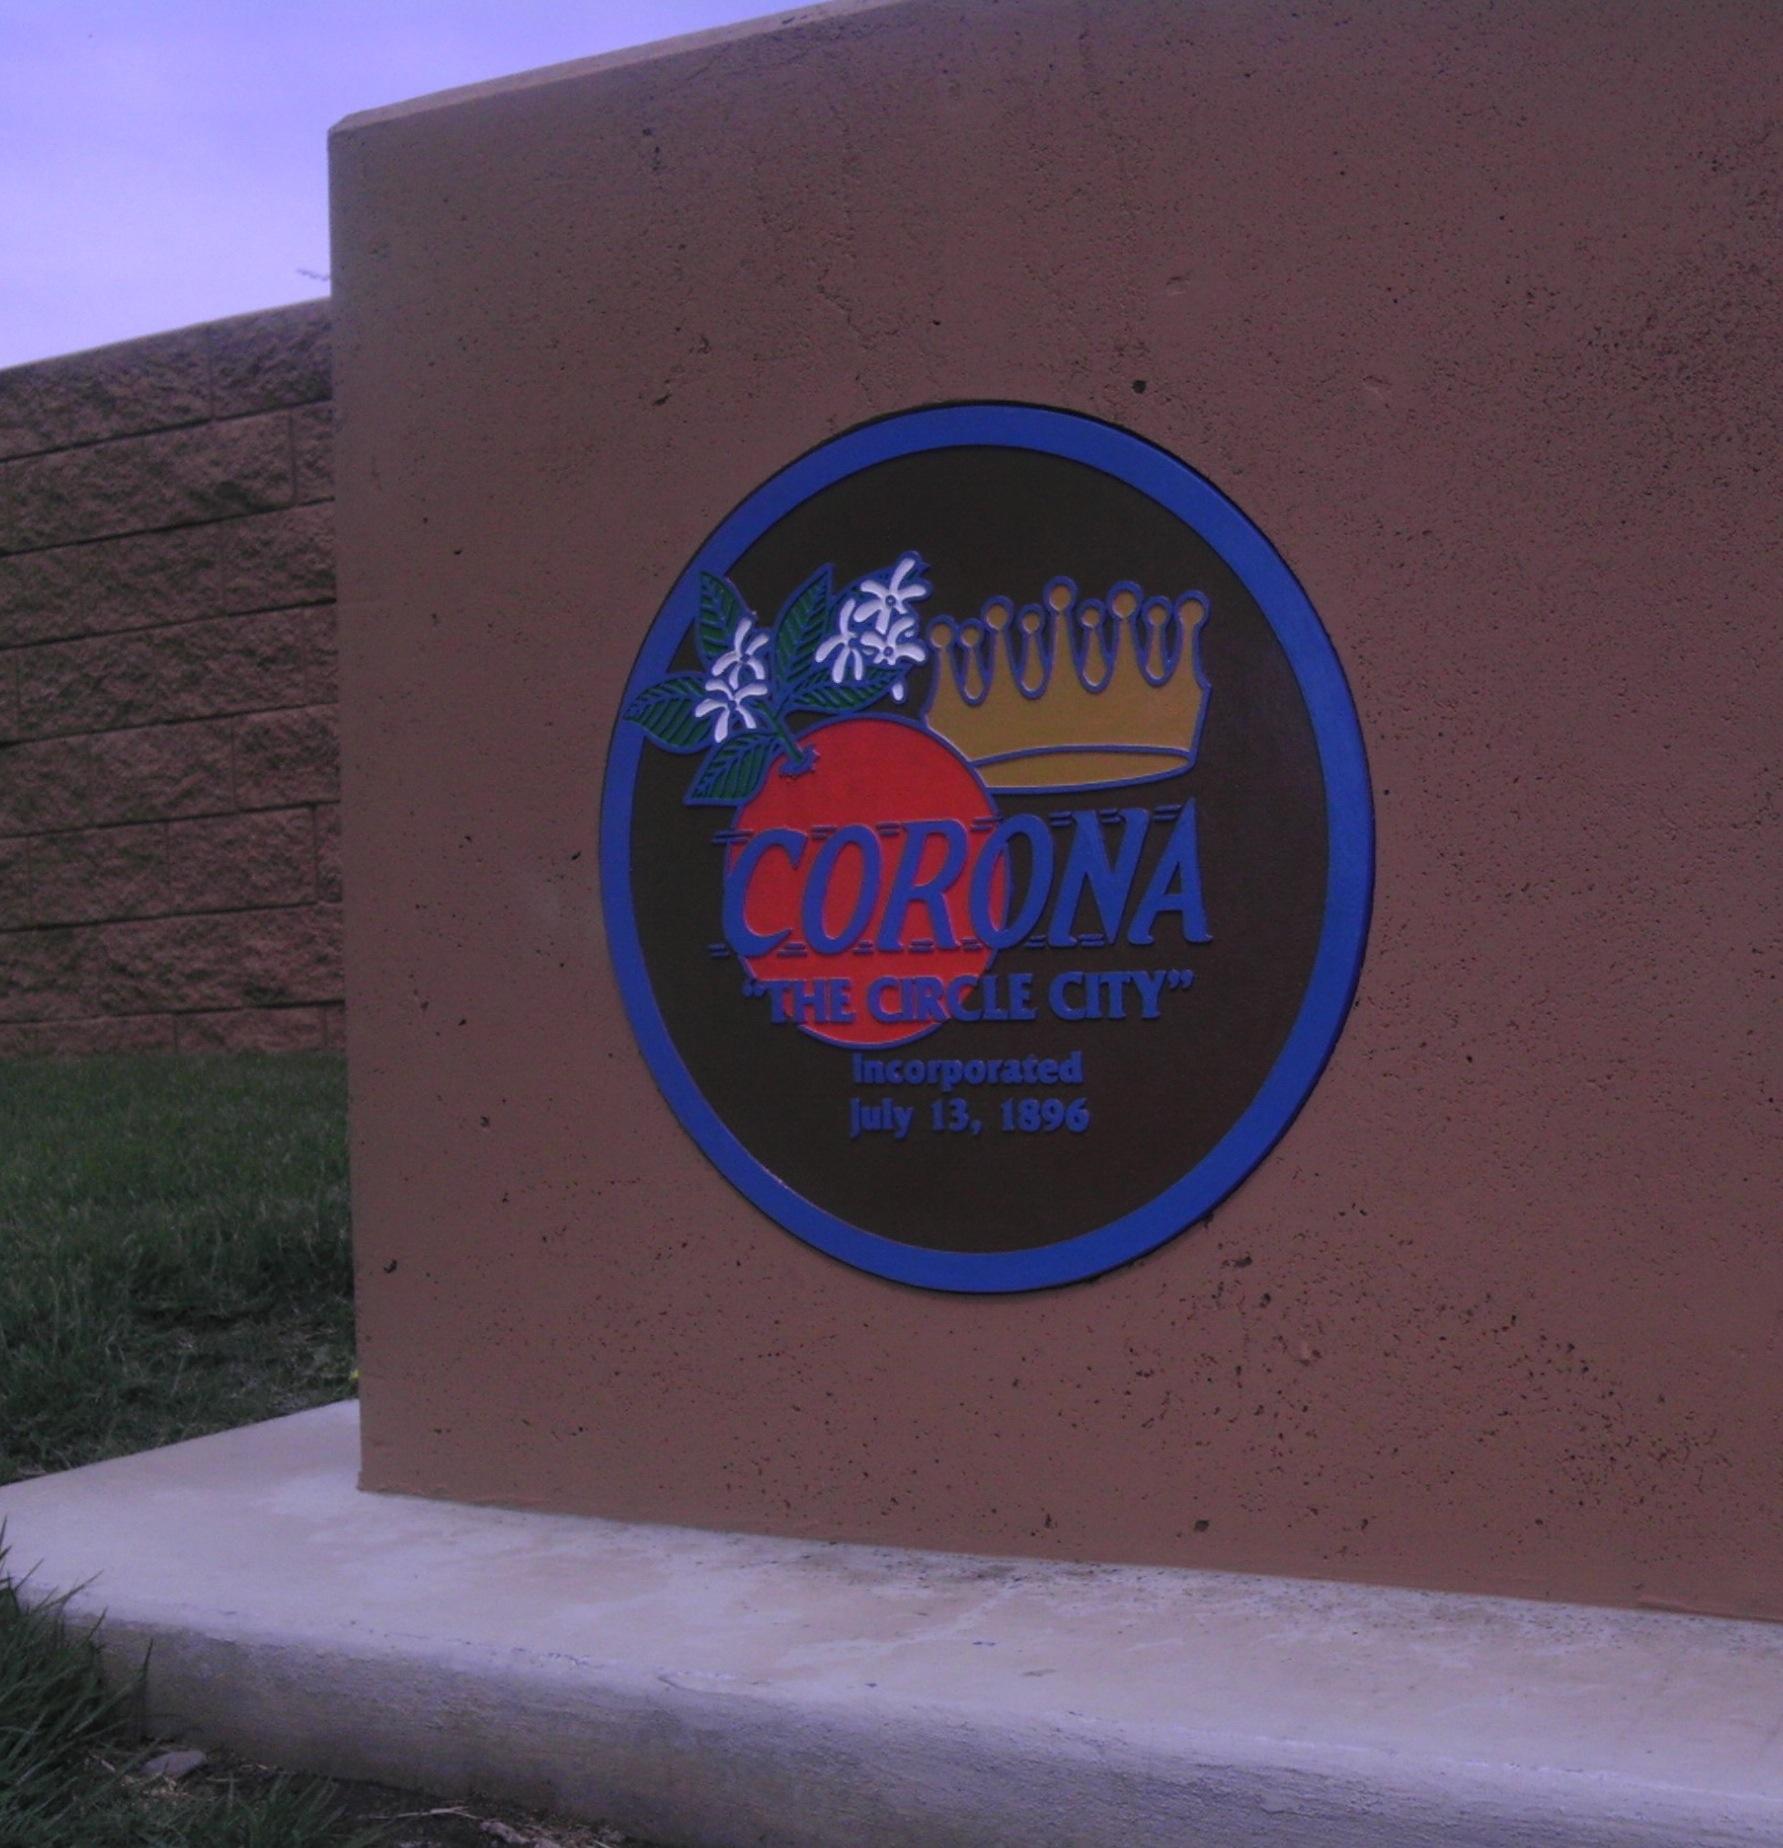 City of Corona's Seal/Logo